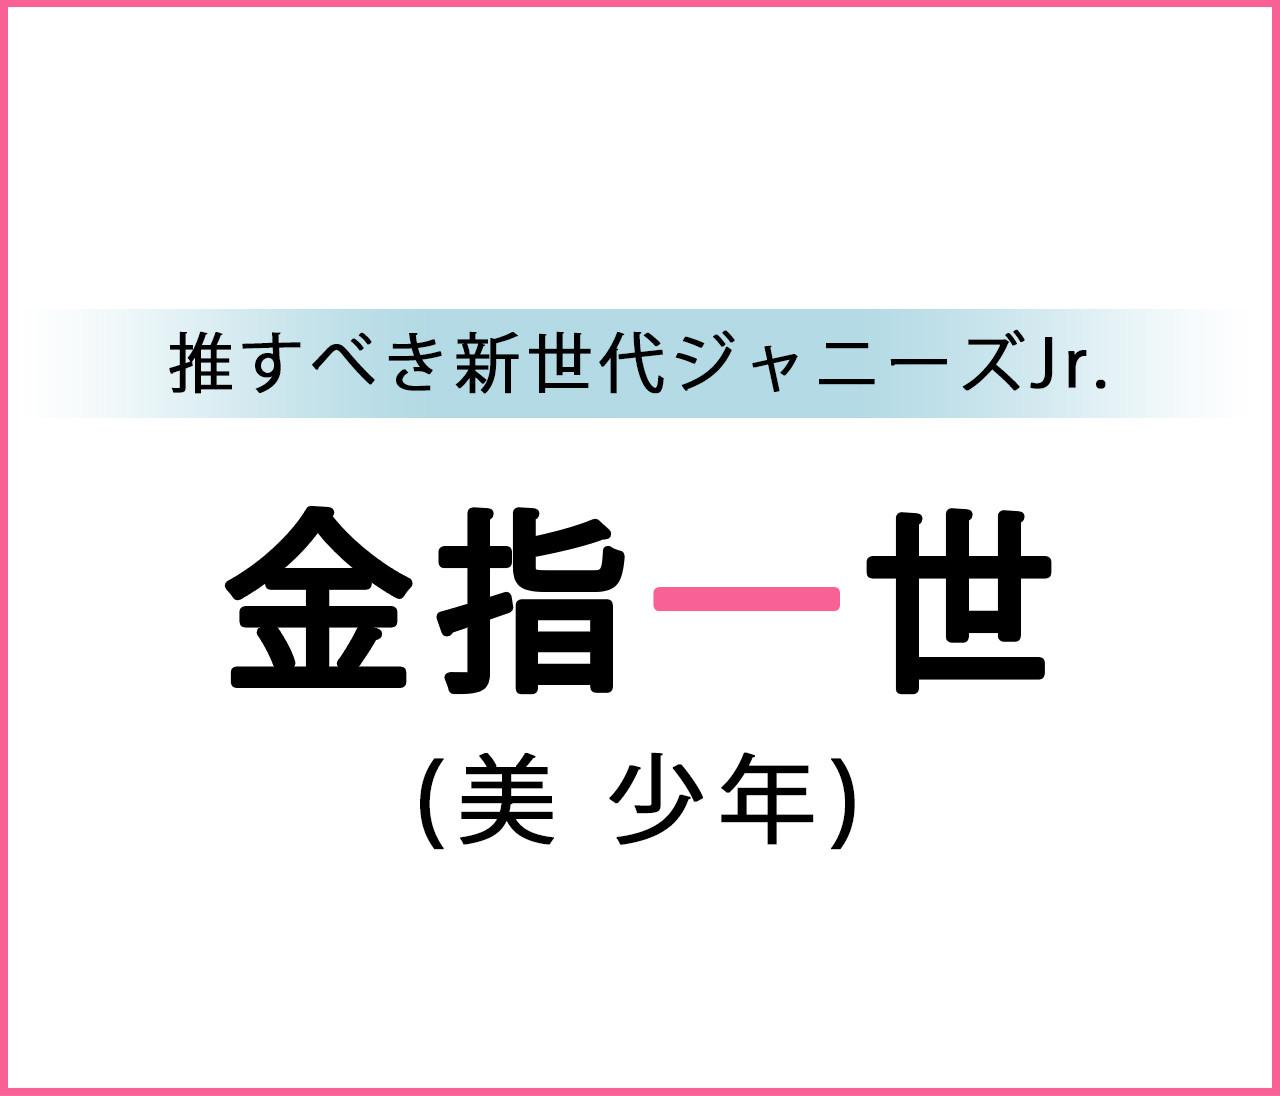 #美少年 #金指一世 BAILA初登場スペシャルインタビュー!【新世代ジャニーズJr.】